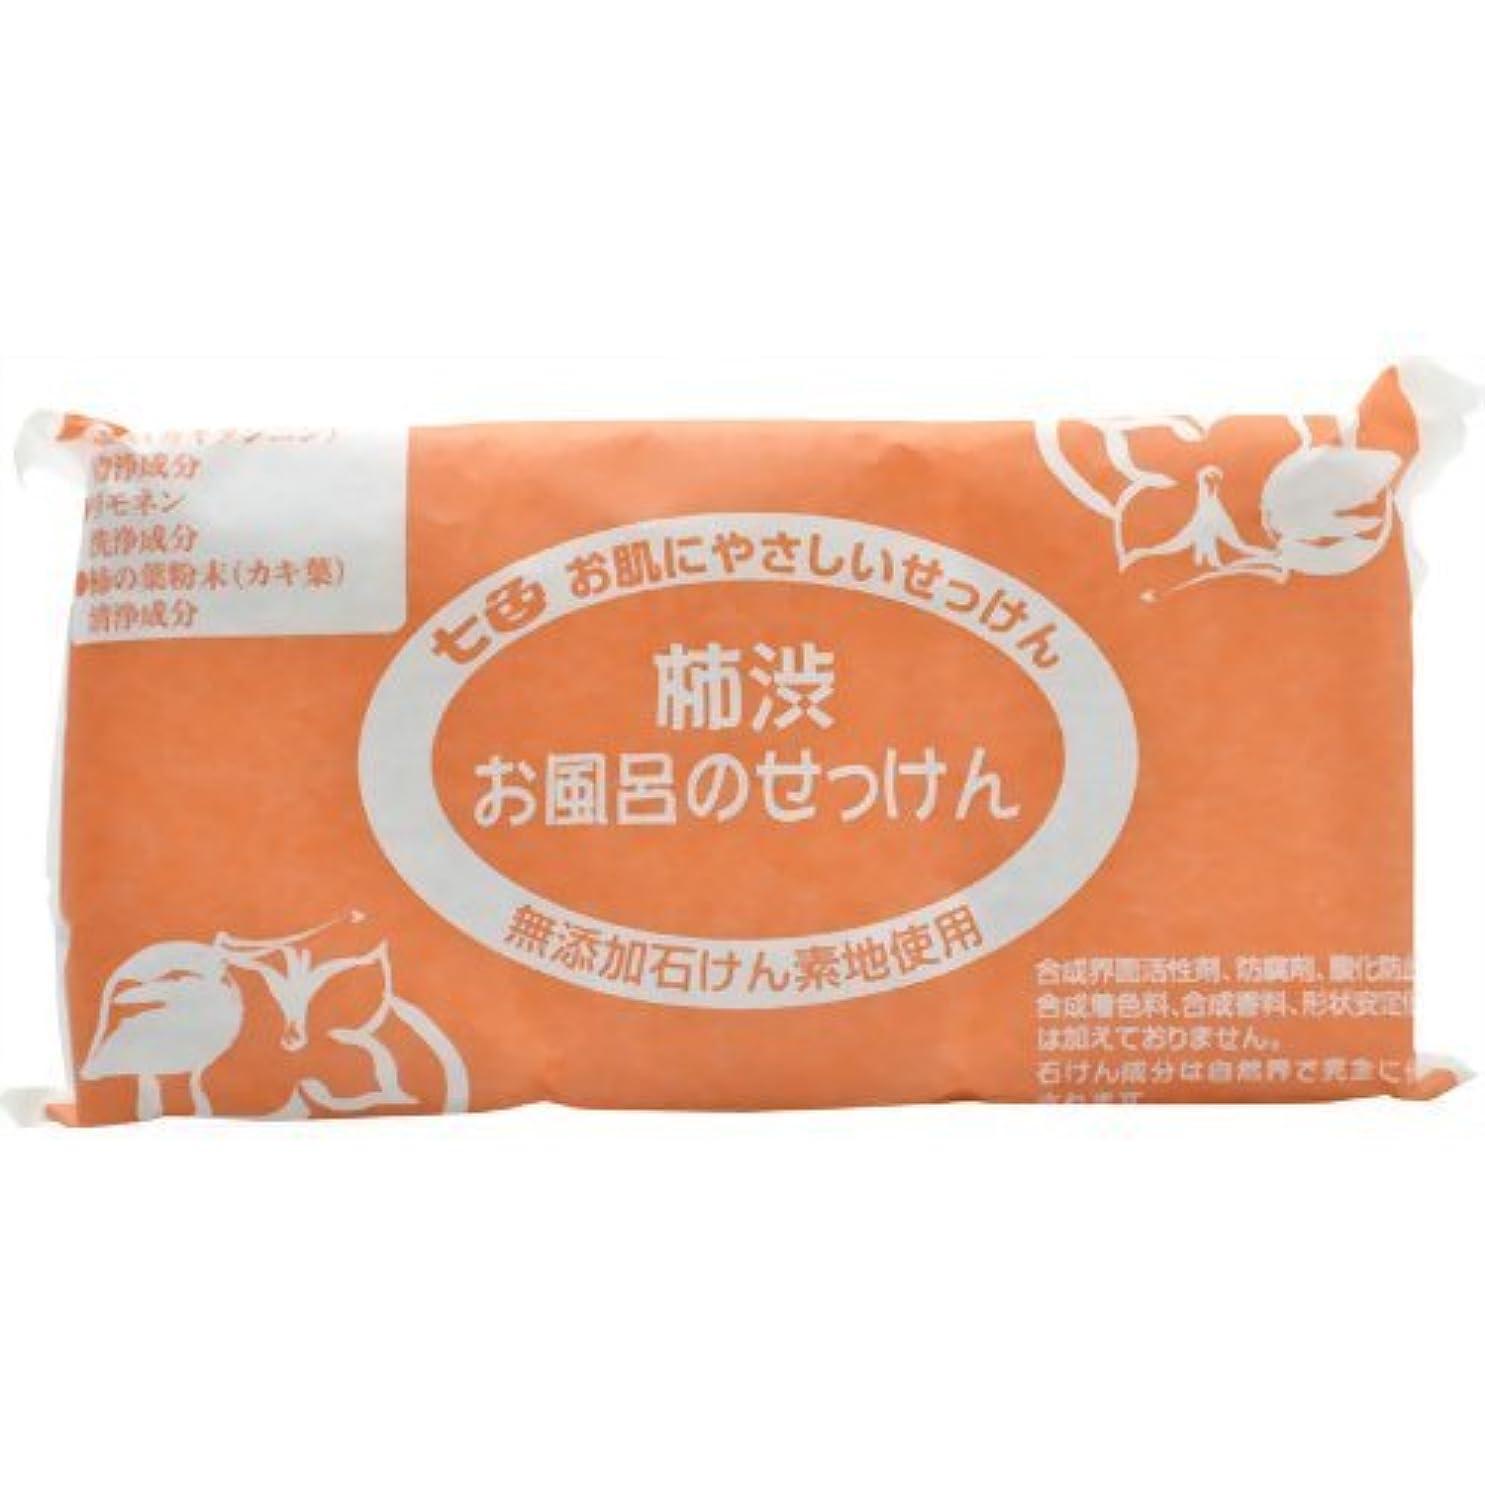 ベアリングサークルマットレス代わりにを立てる七色 お風呂のせっけん 柿渋(無添加石鹸) 100g×3個入